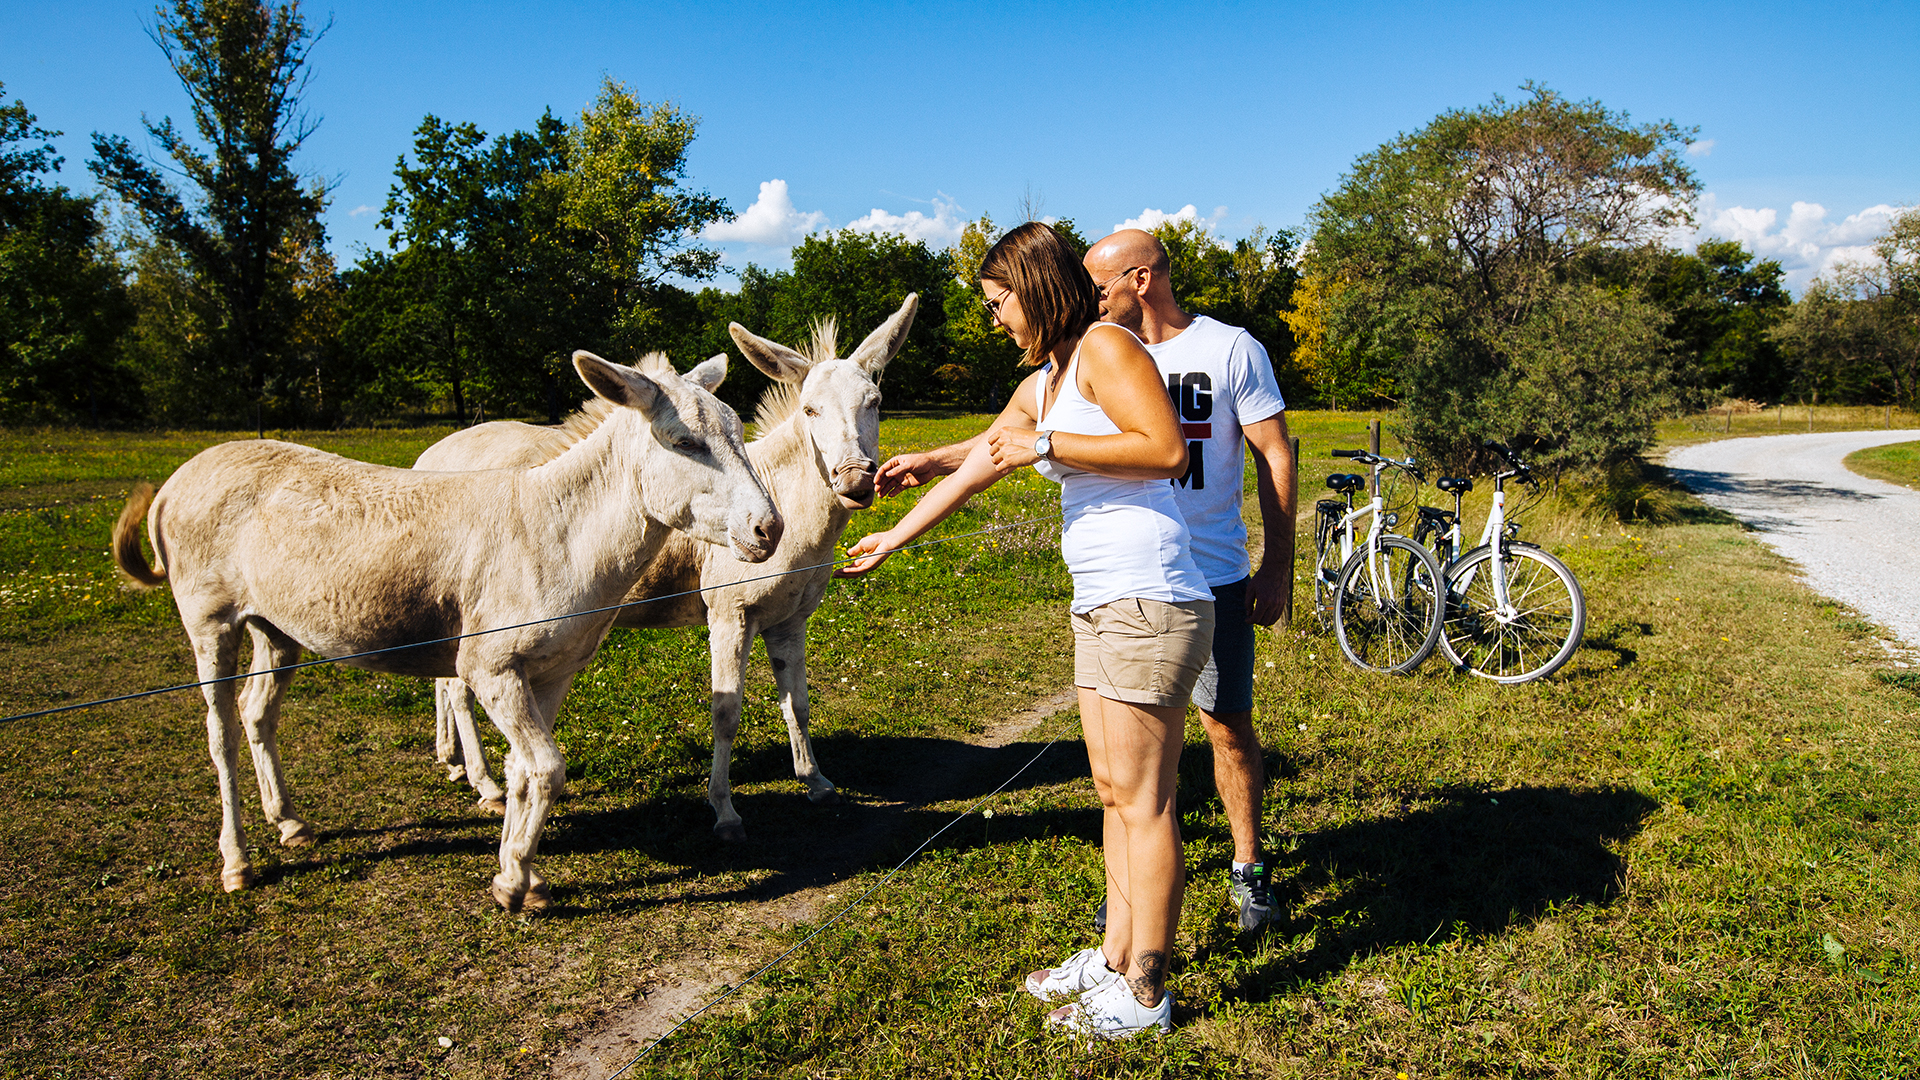 Tierparadies mit Eseln, Pferden und Gänsen